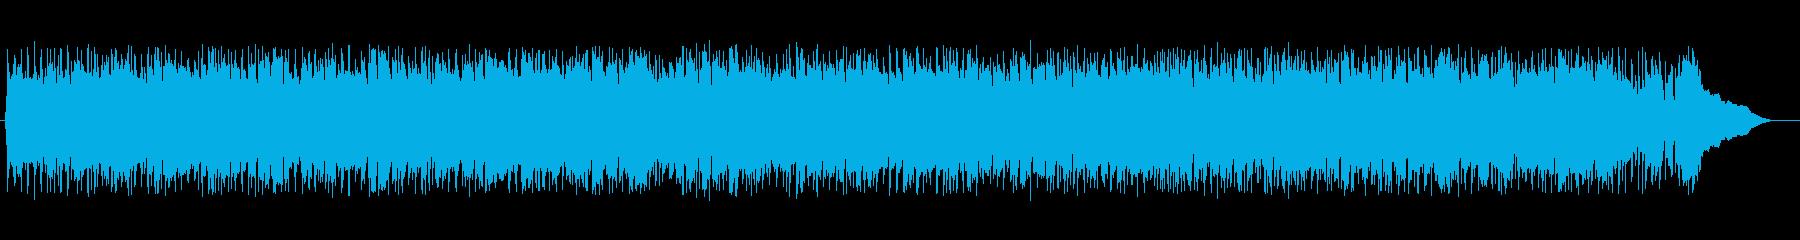 90年代J-ROCK風、メロディアスの再生済みの波形